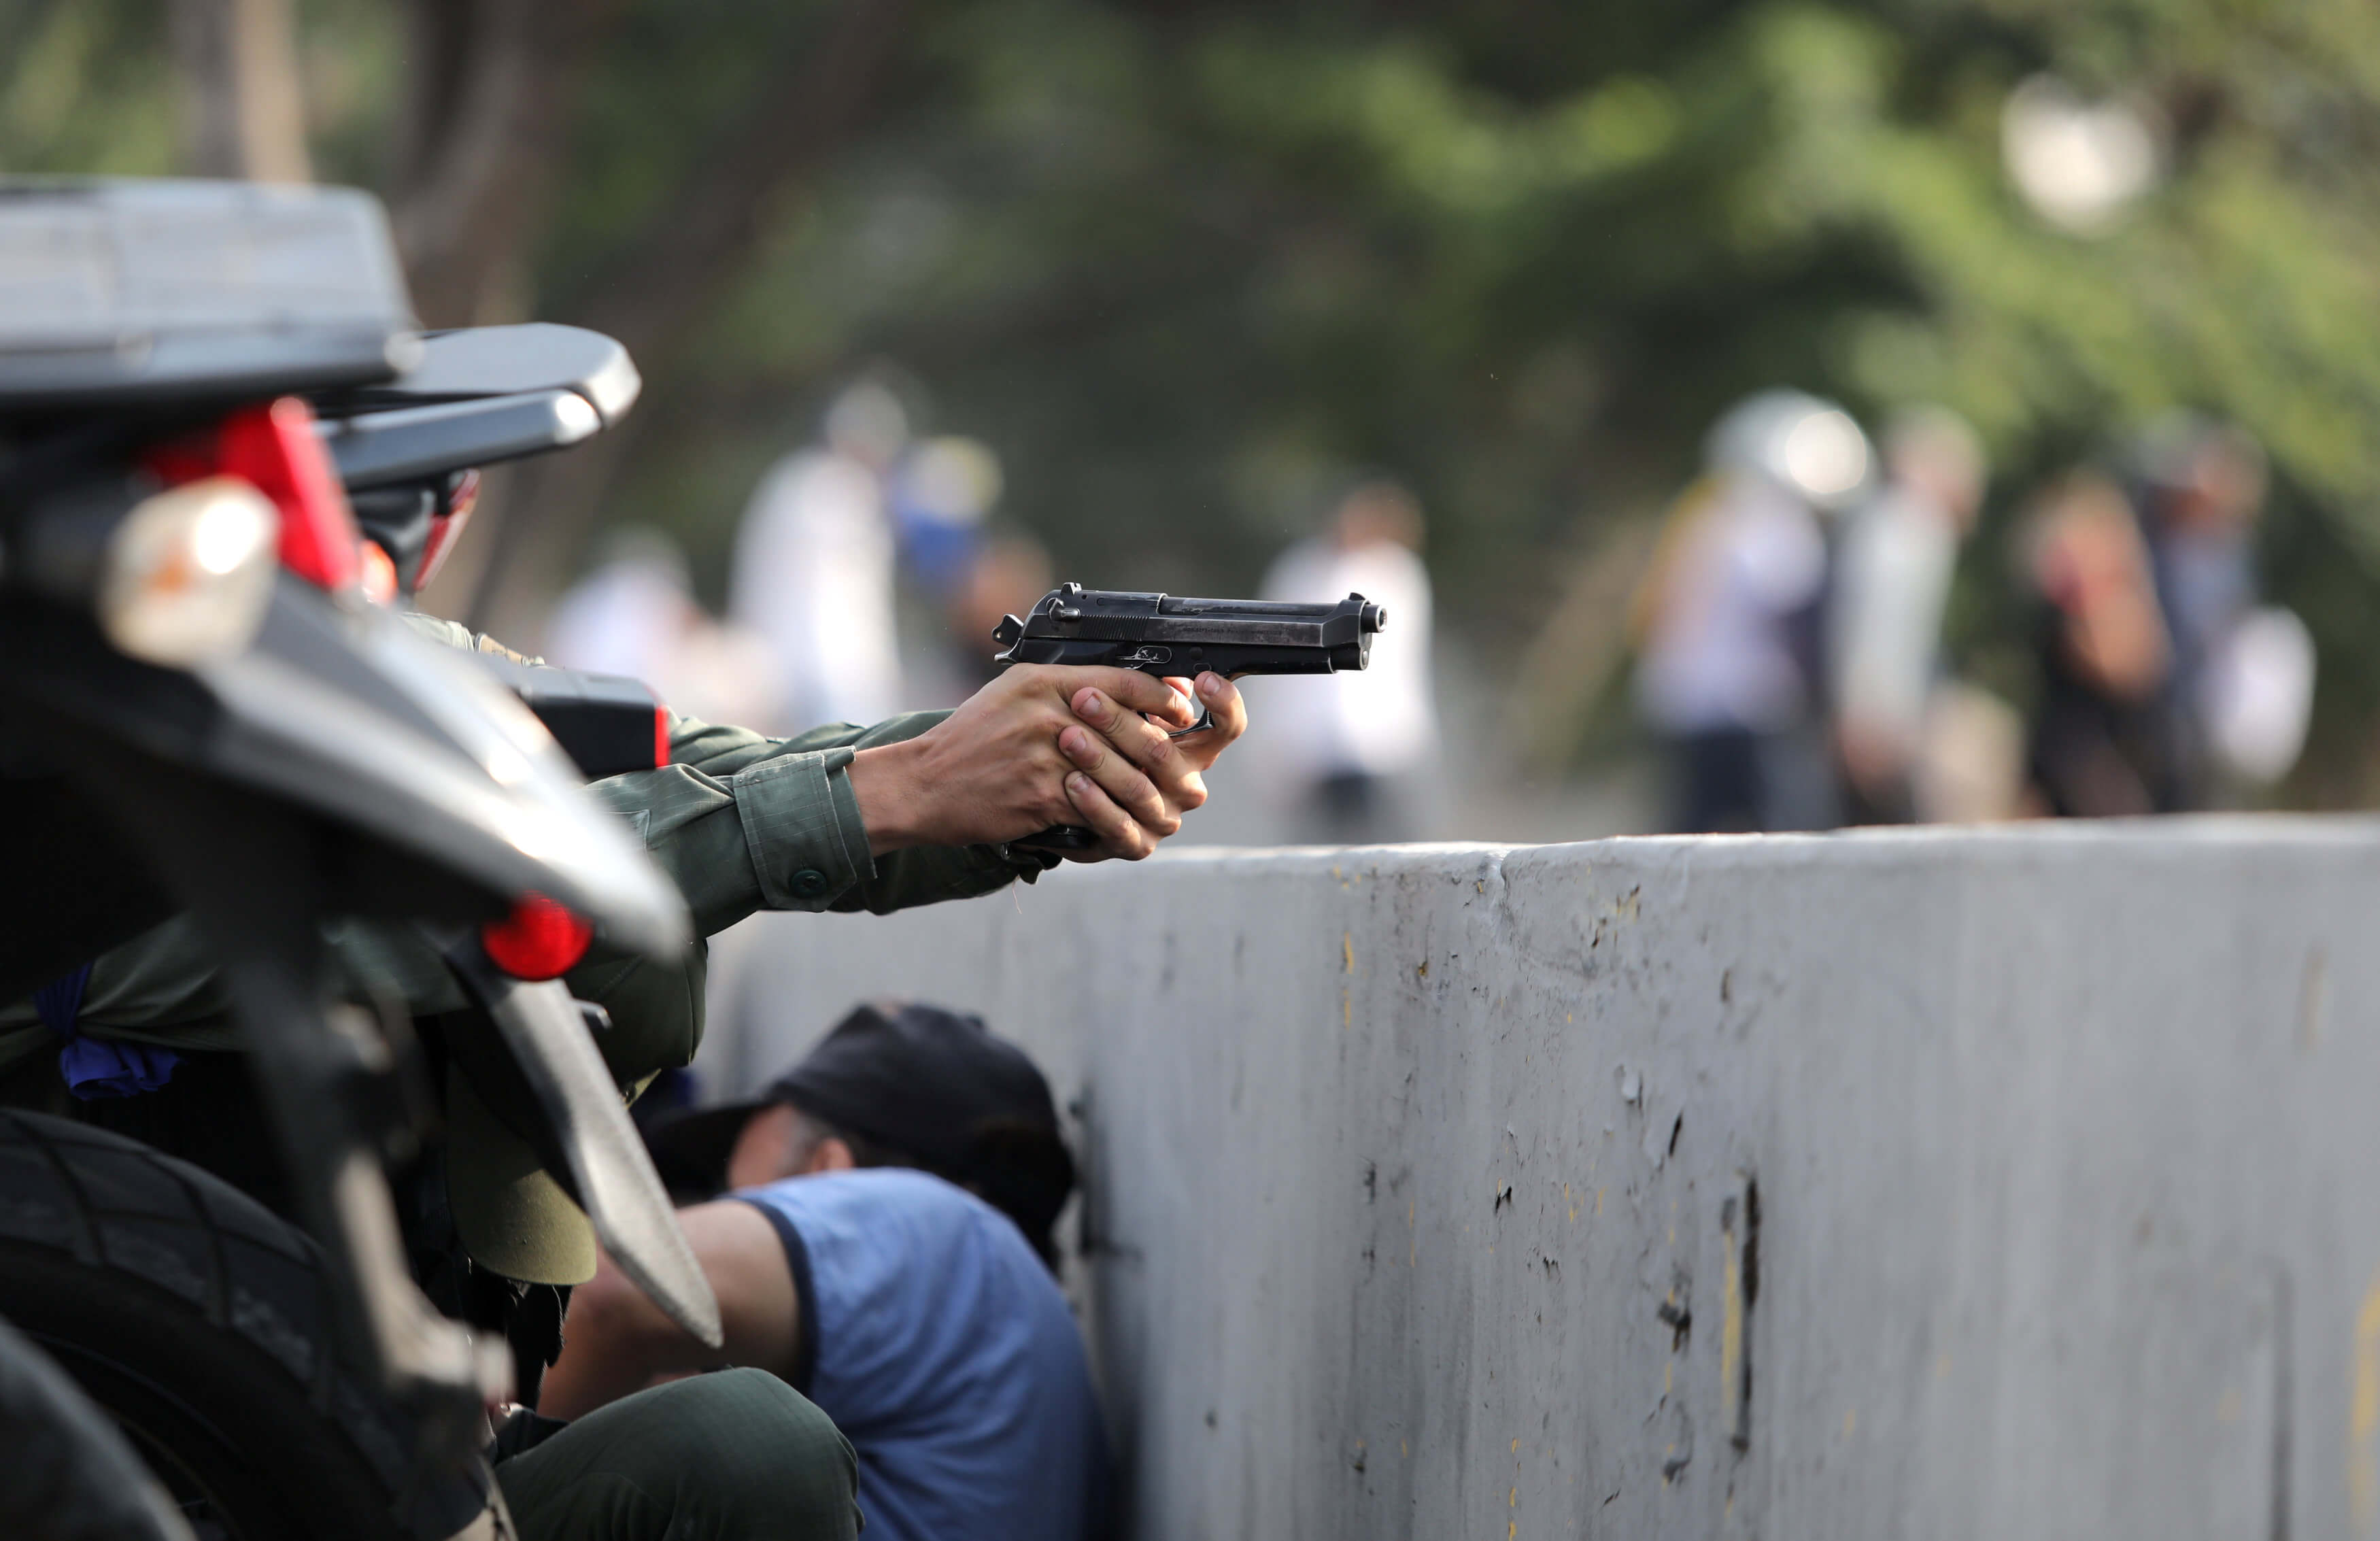 Βενεζουέλα με το δάχτυλο στη σκανδάλη! Πυροβολισμοί, δακρυγόνα και χάος